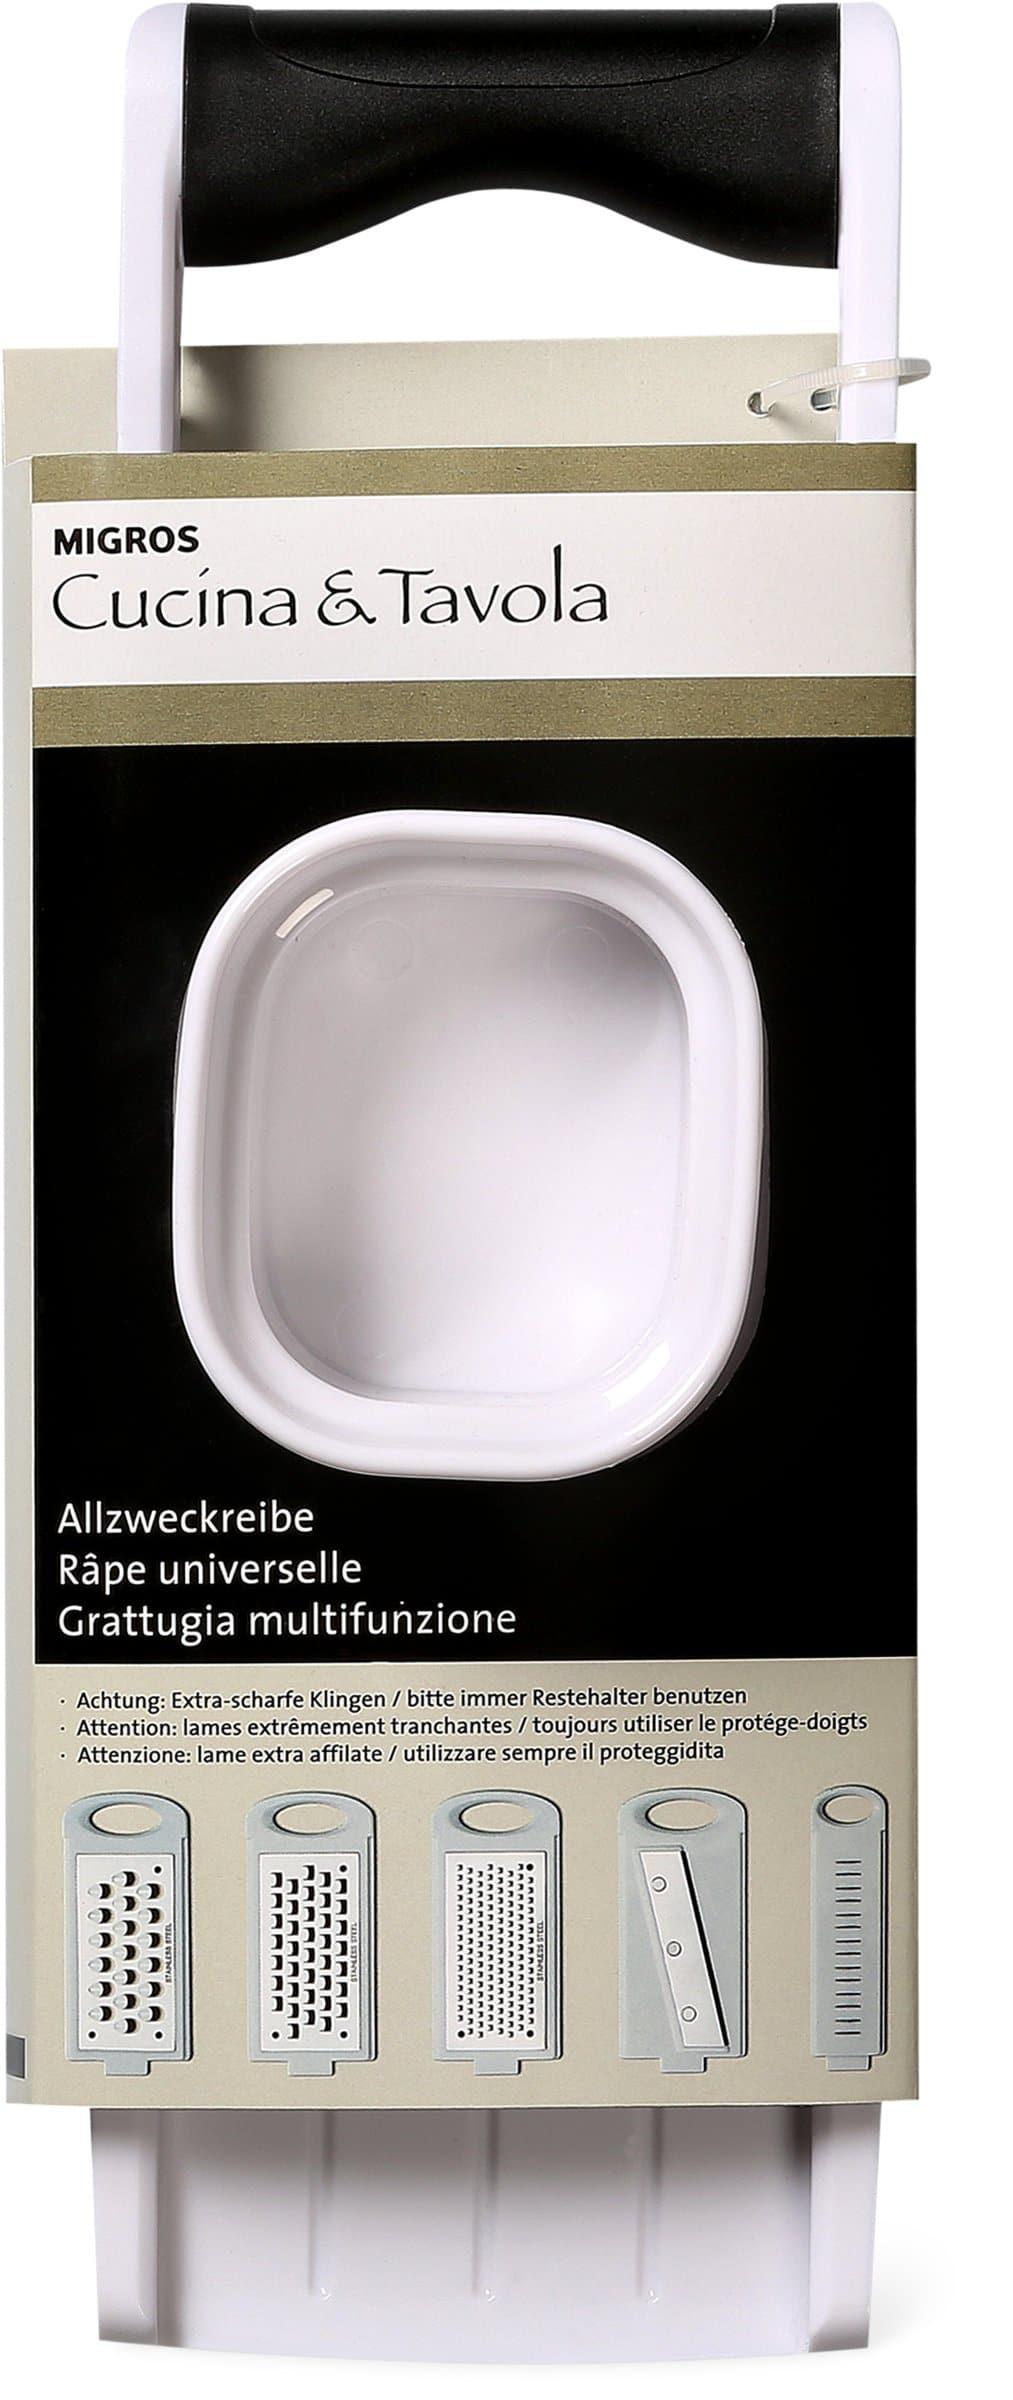 Cucina & Tavola CUCINA & TAVOLA Grattugia multifunzione